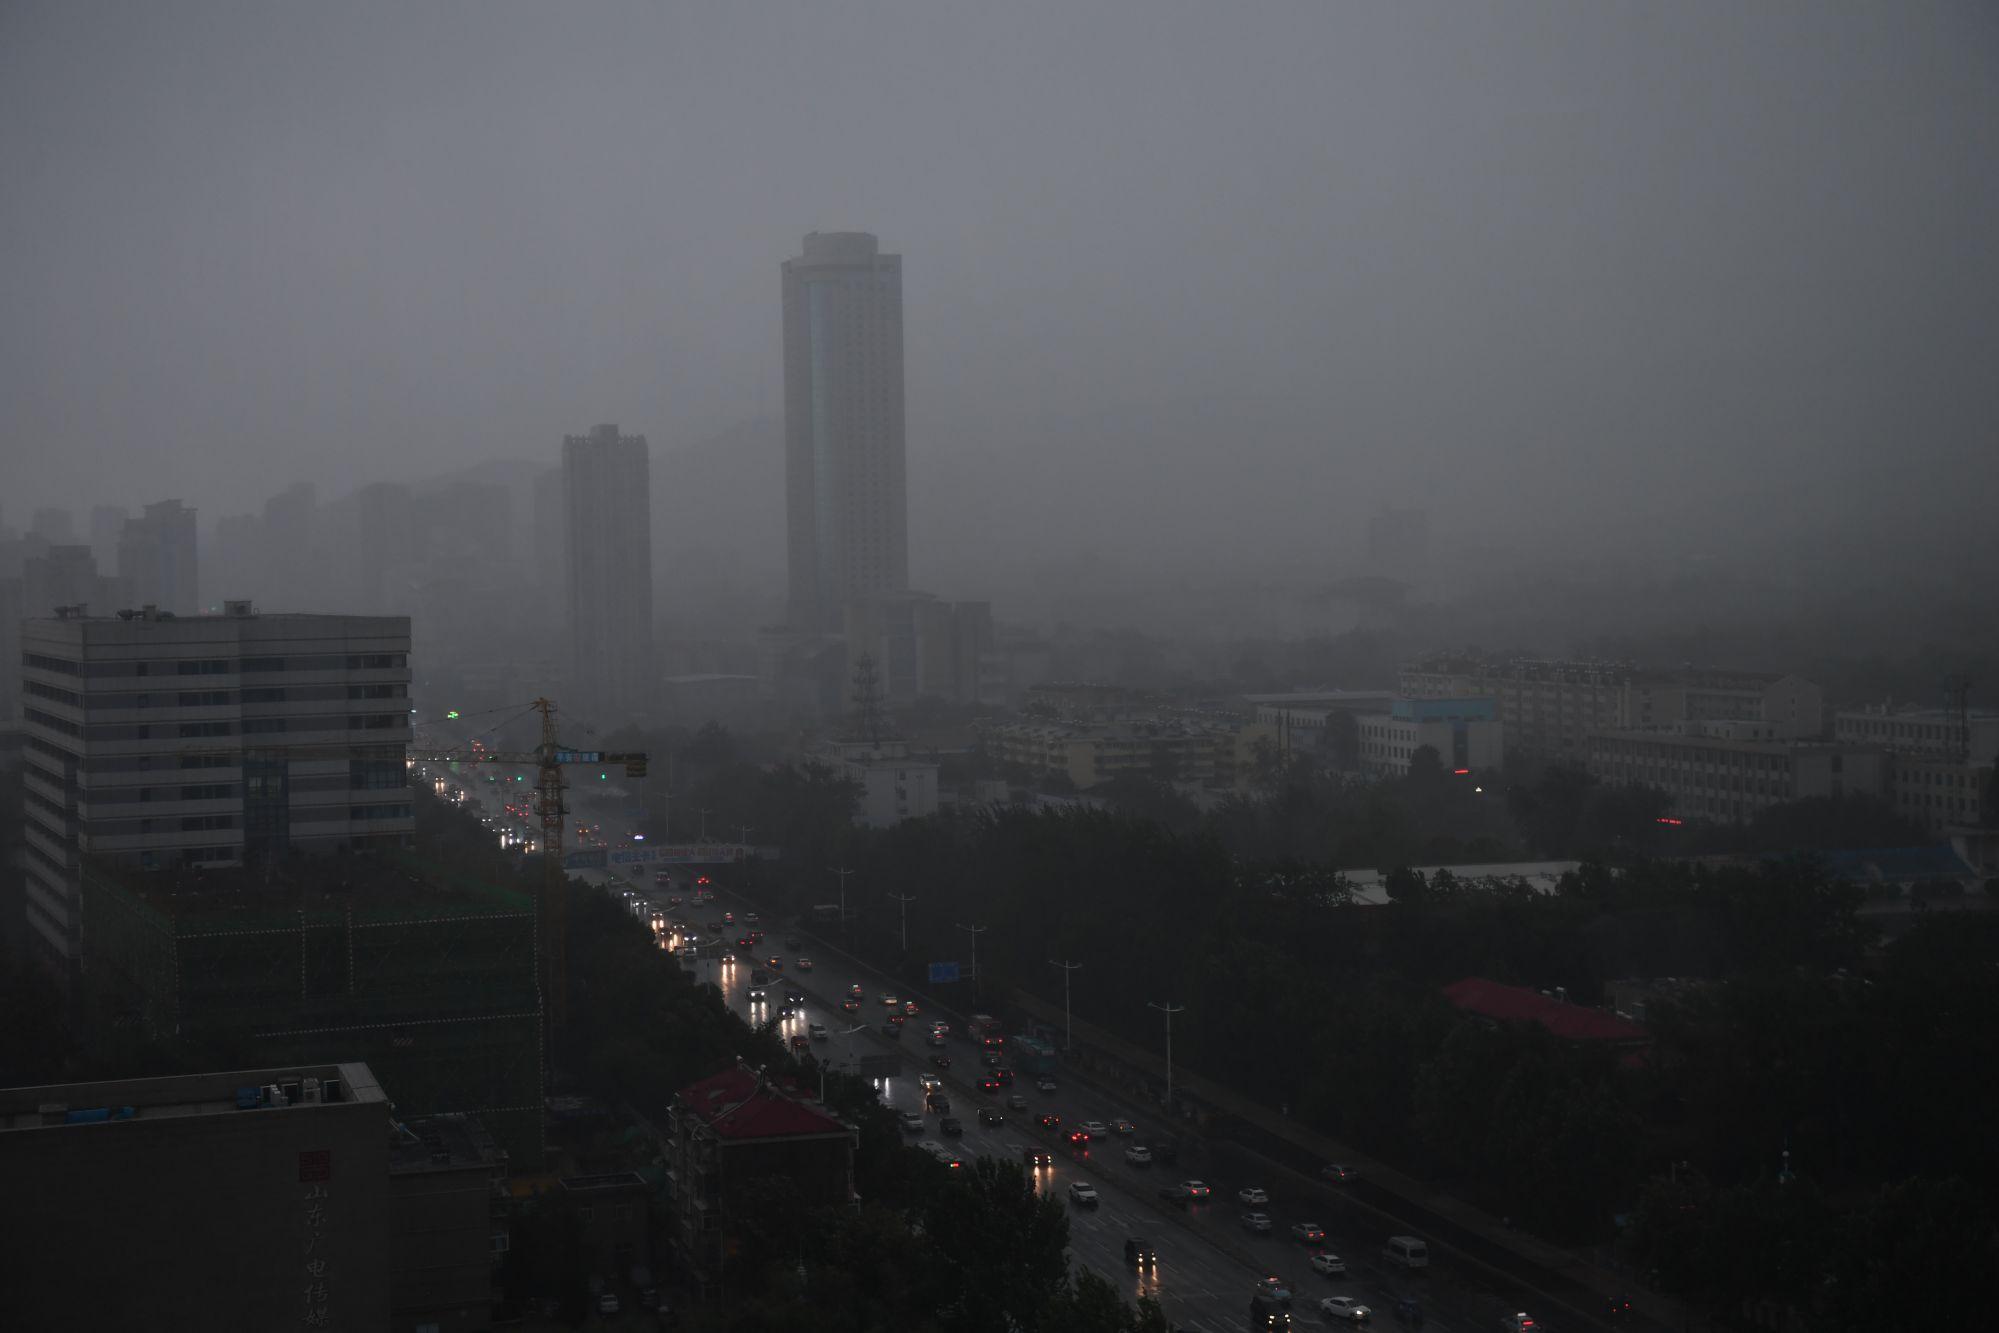 济南午后黑云压城犹如傍晚 市民暴雨中困难出行